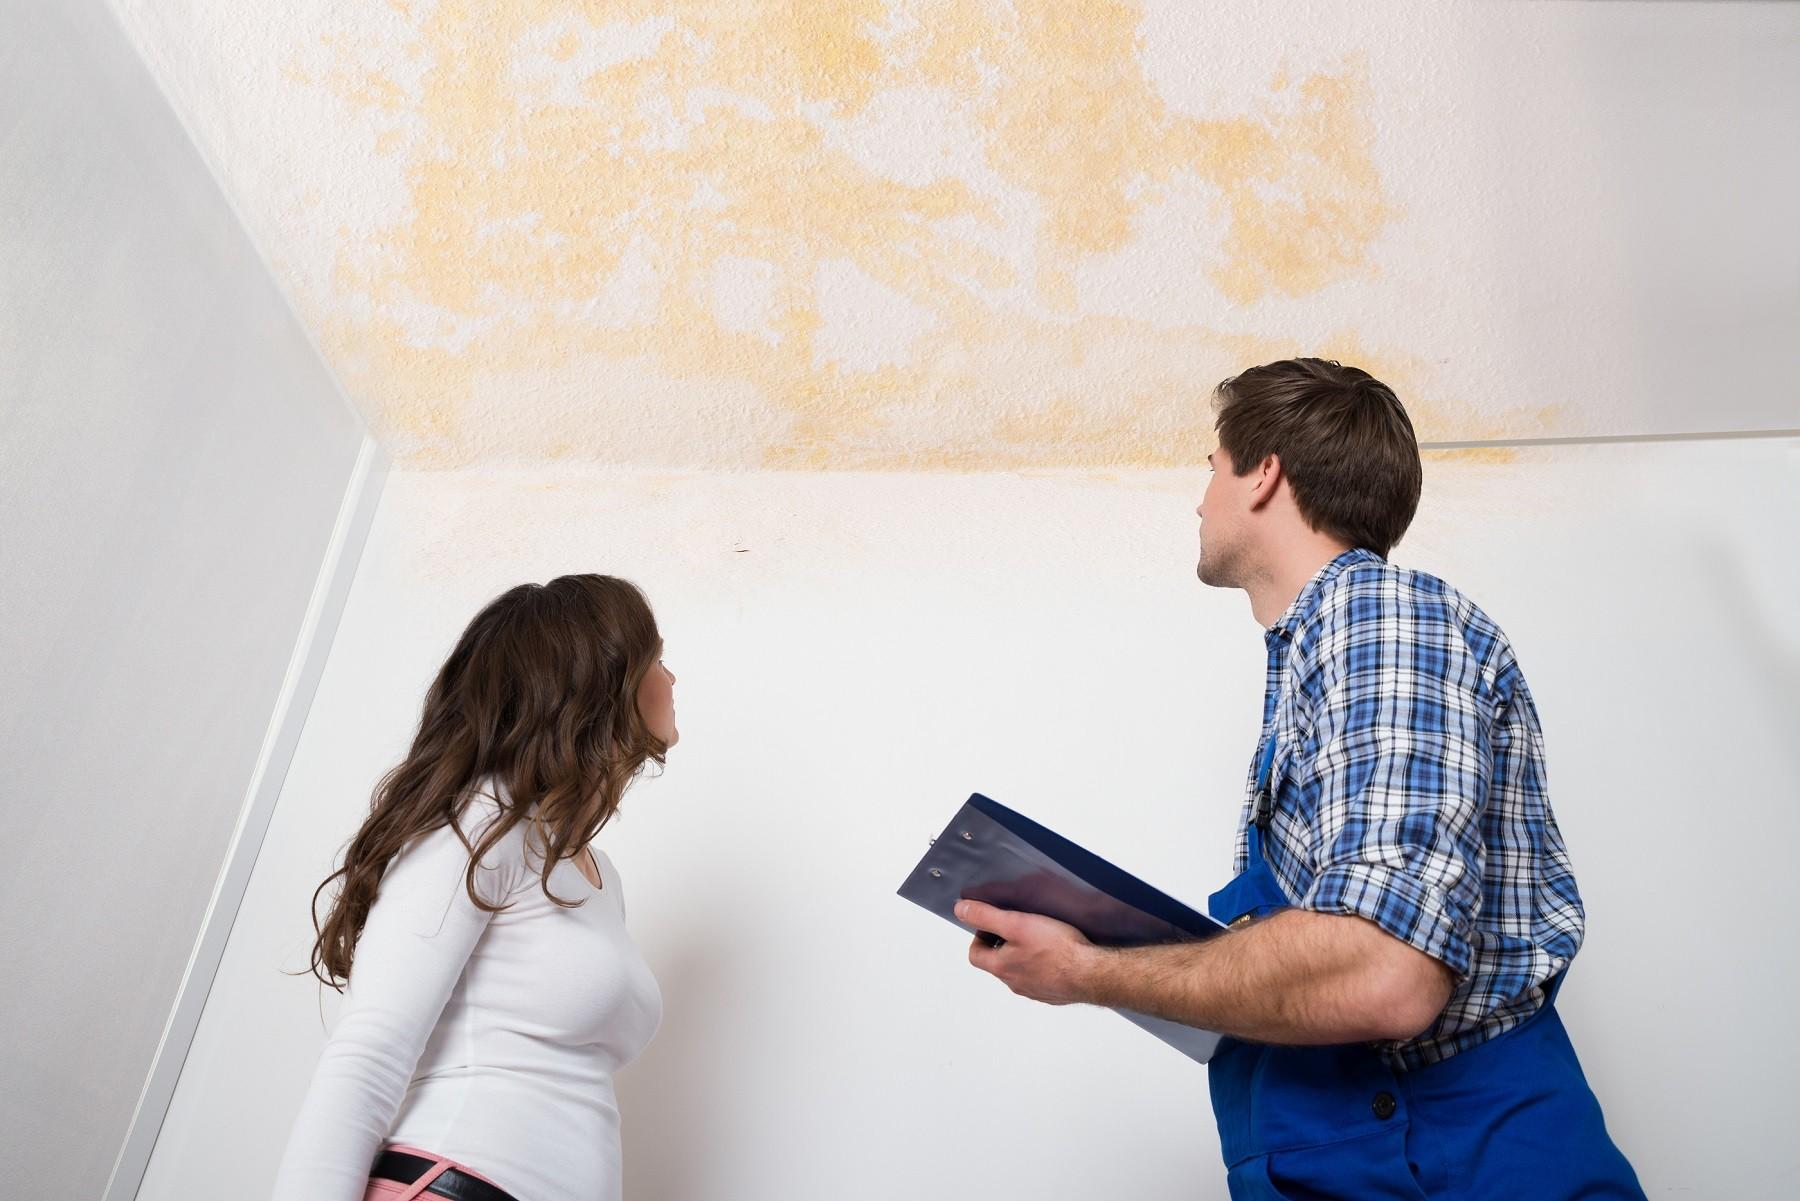 оценка ущерба после ремонта в соседней квартире